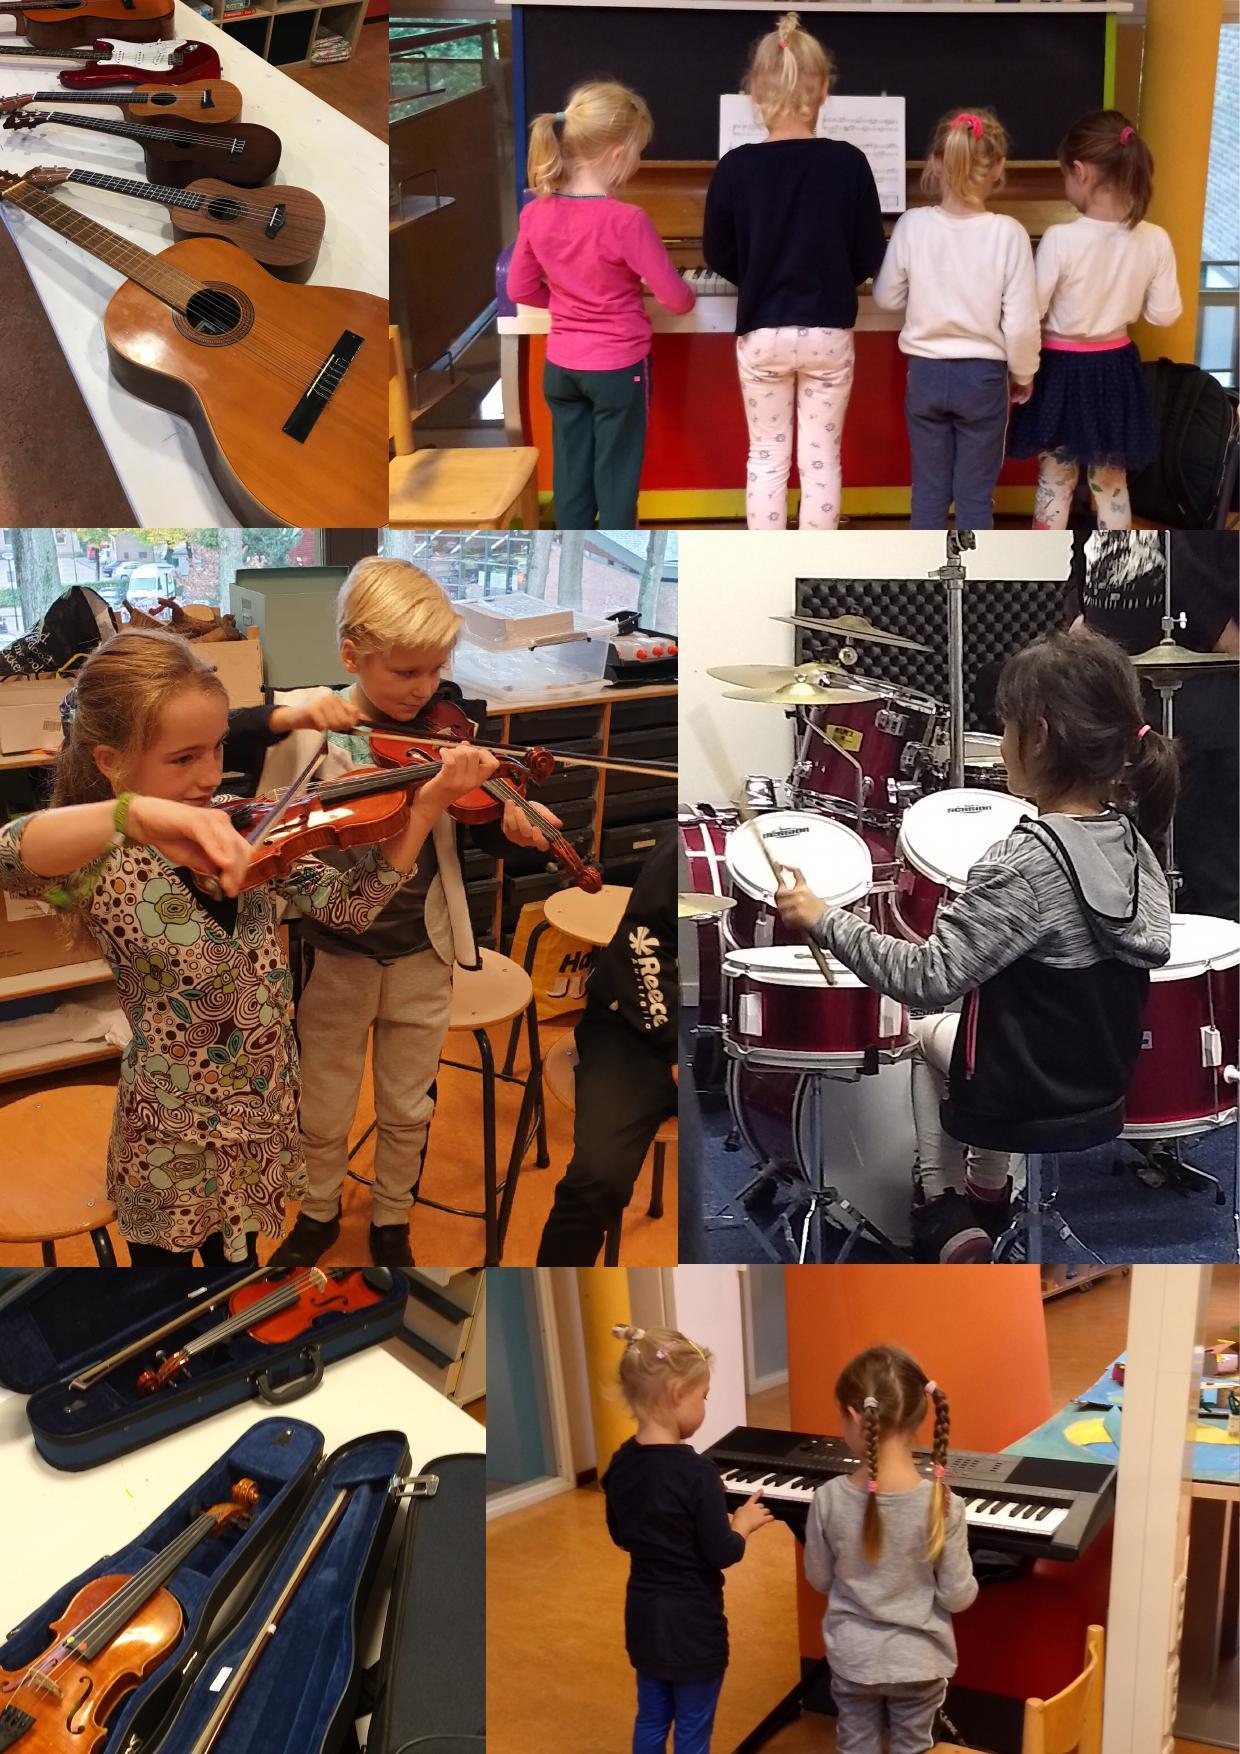 skar oosterbeek ons honk muziekschool